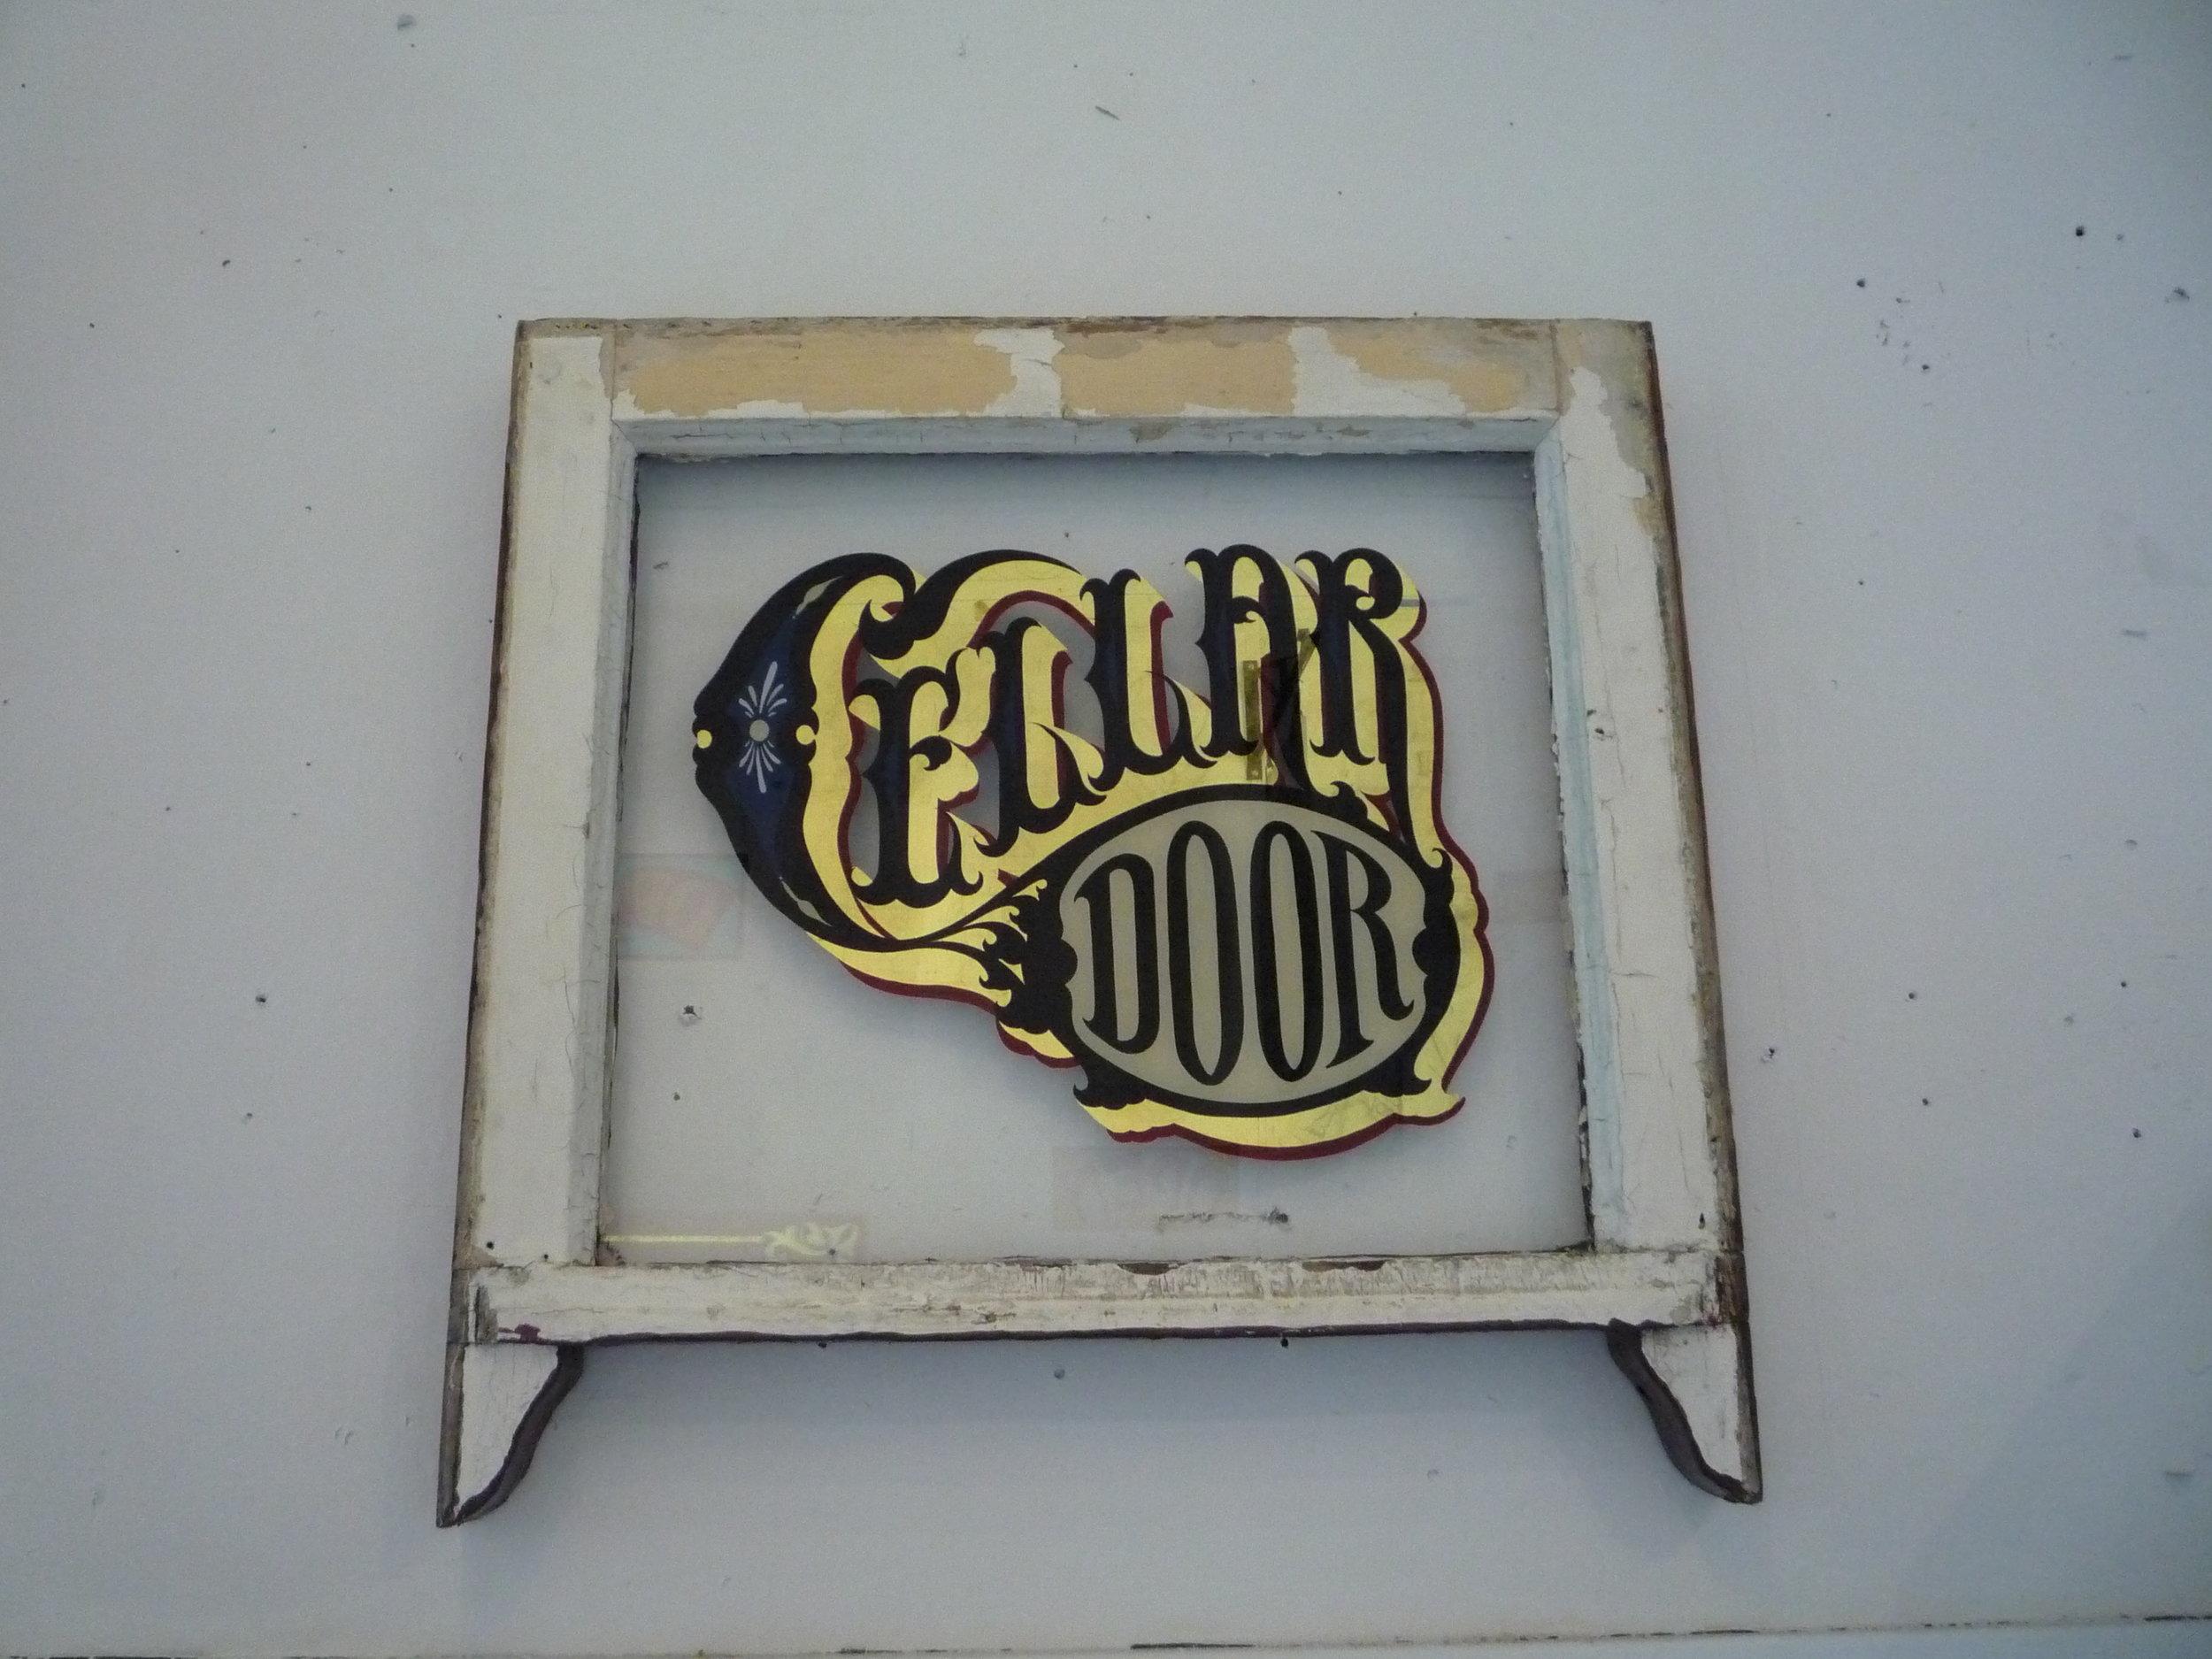 GOLD-cellar-door_4539151293_o.jpg